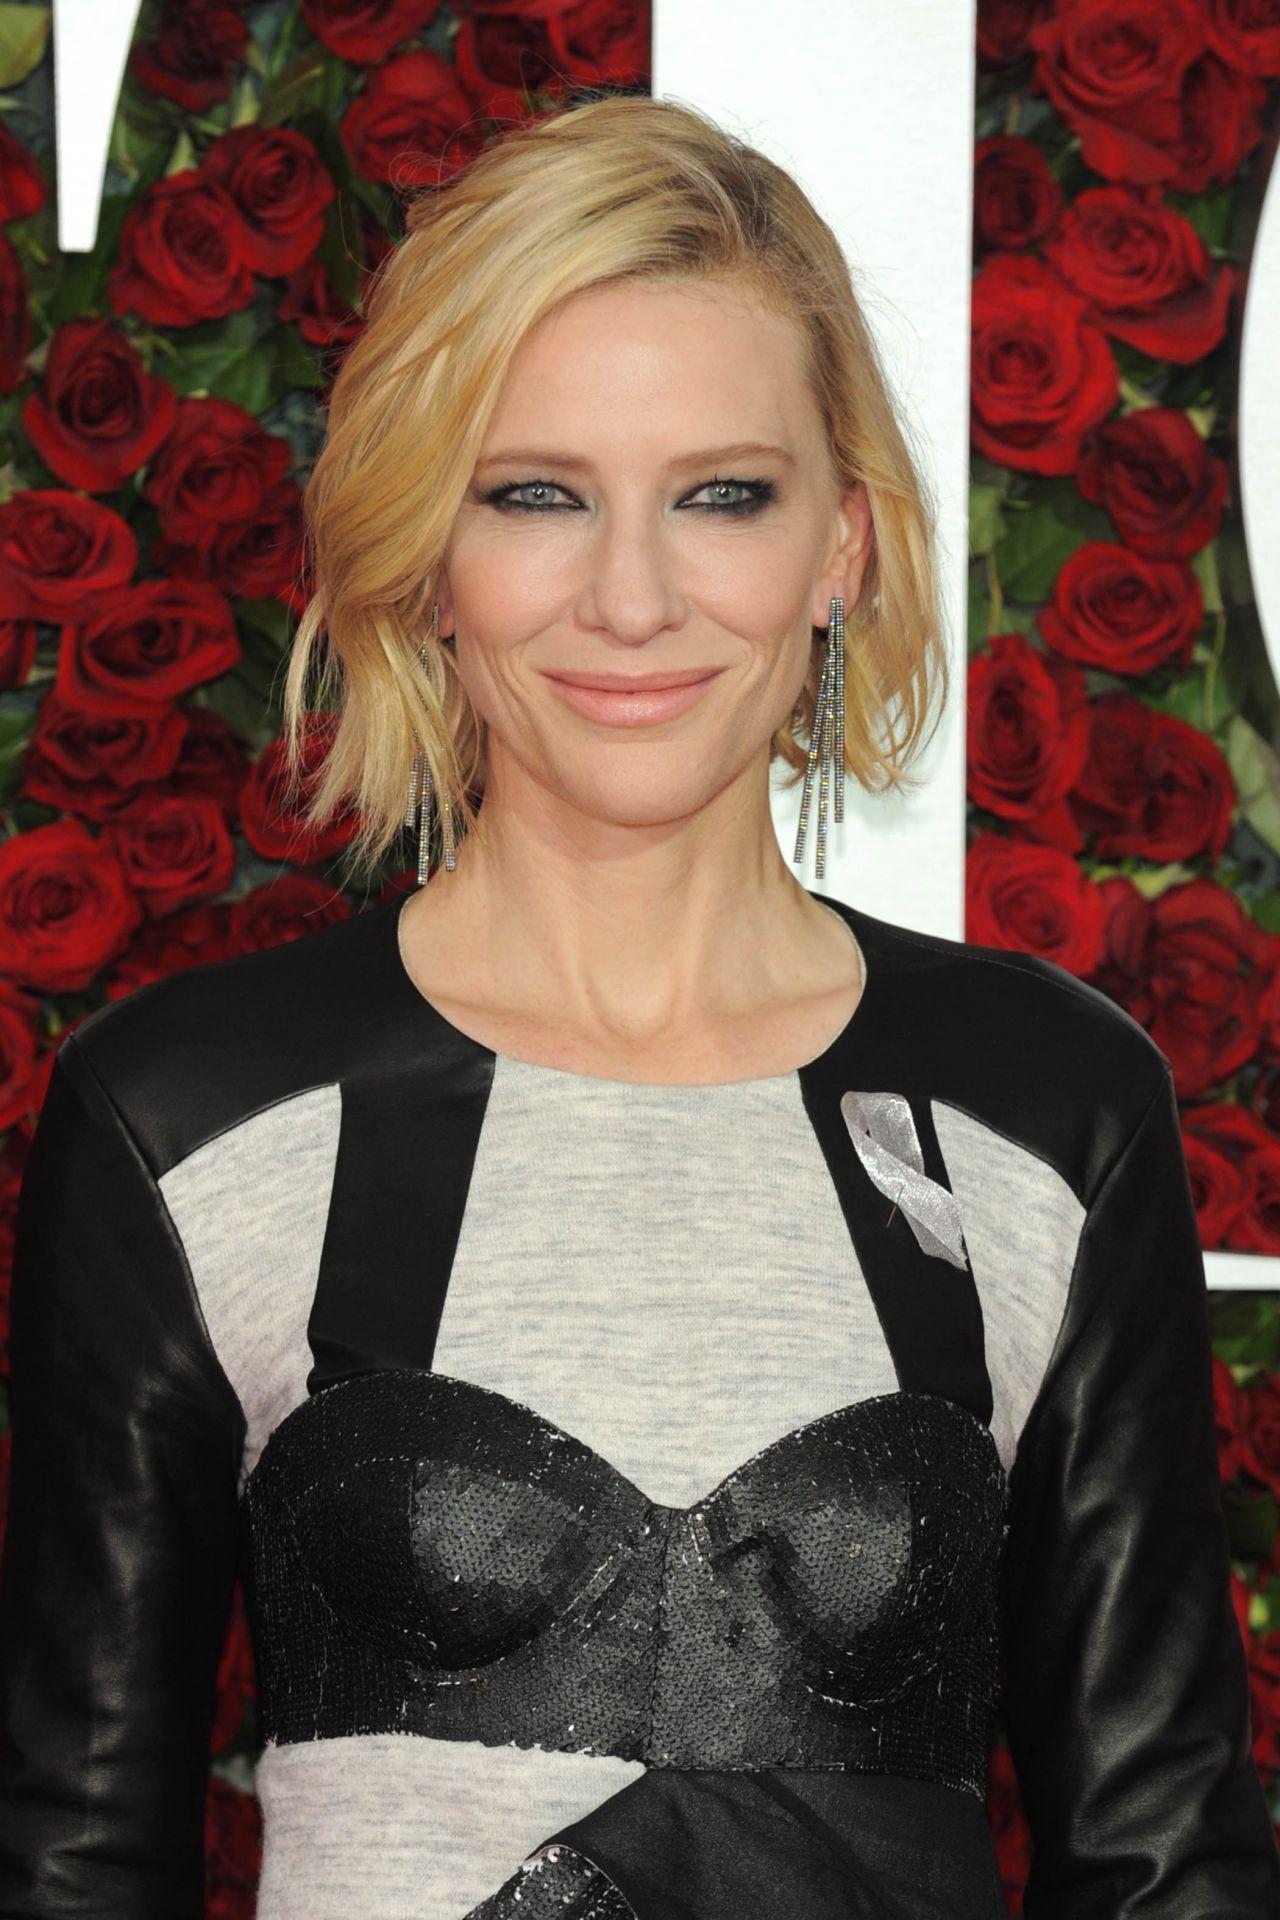 Cate Blanchett – 2016 Tony Awards in New York Cate Blanchett